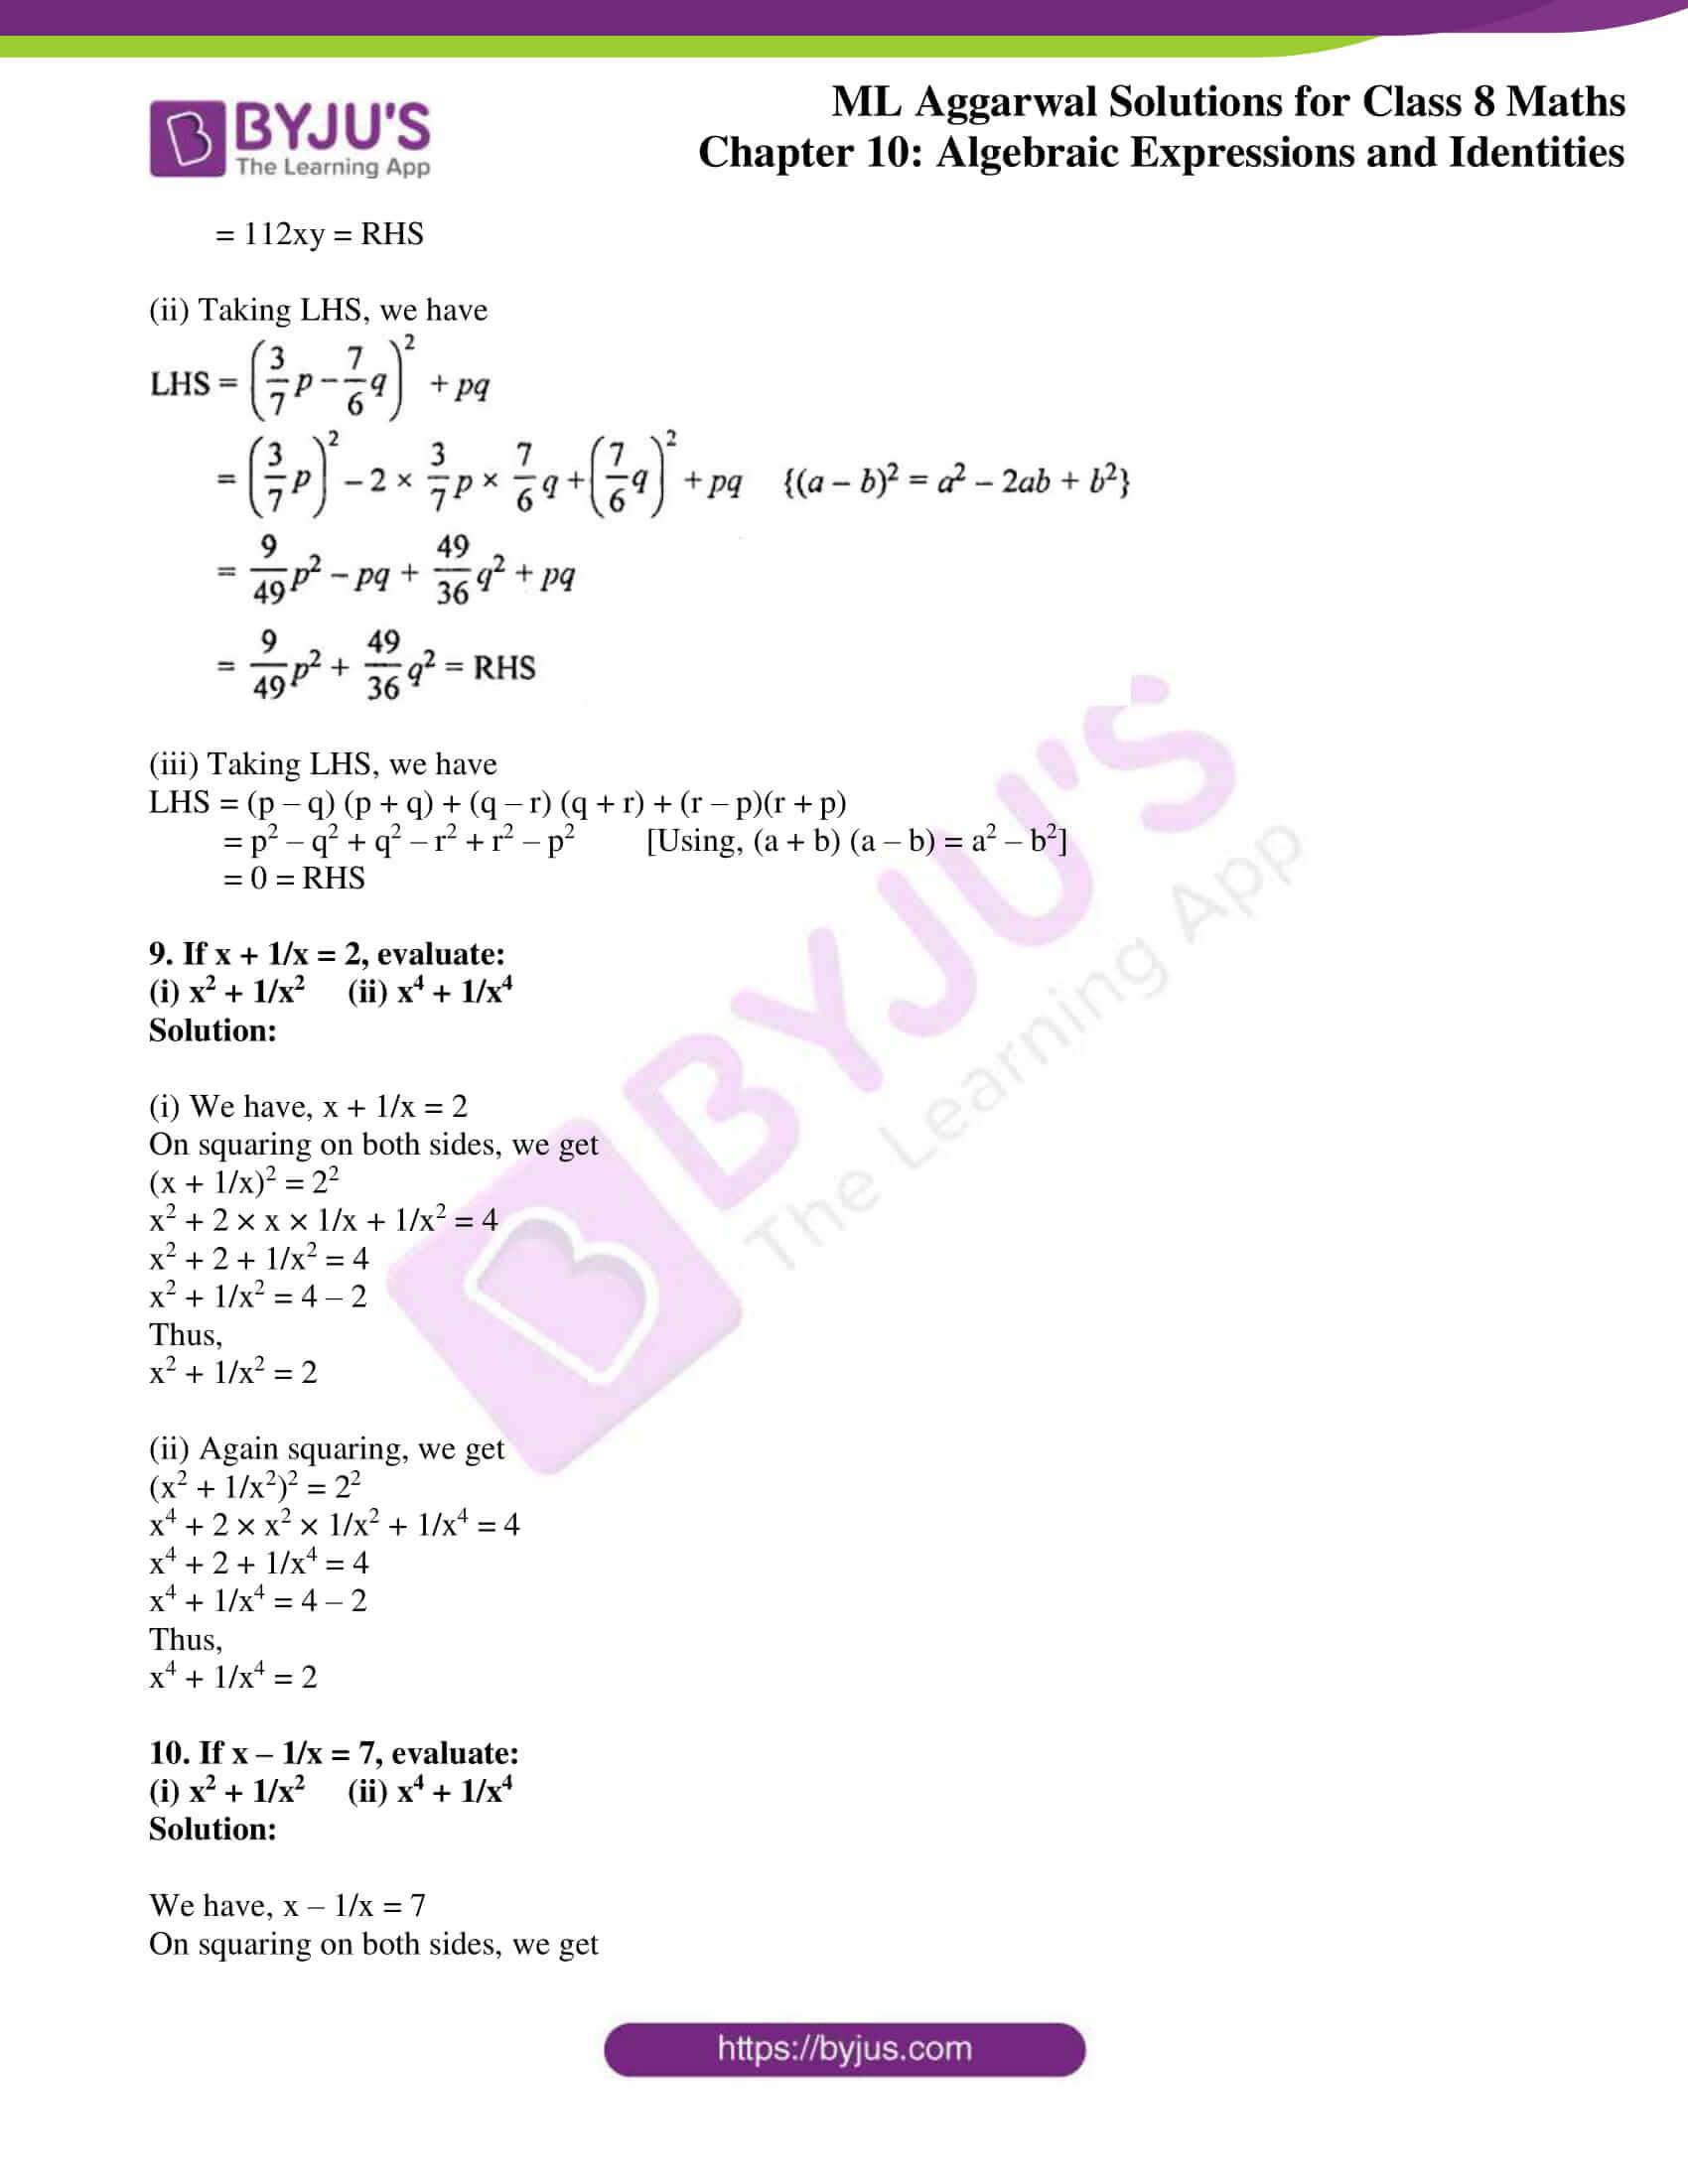 ml aggarwal sol mathematics class 8 ch 10 23